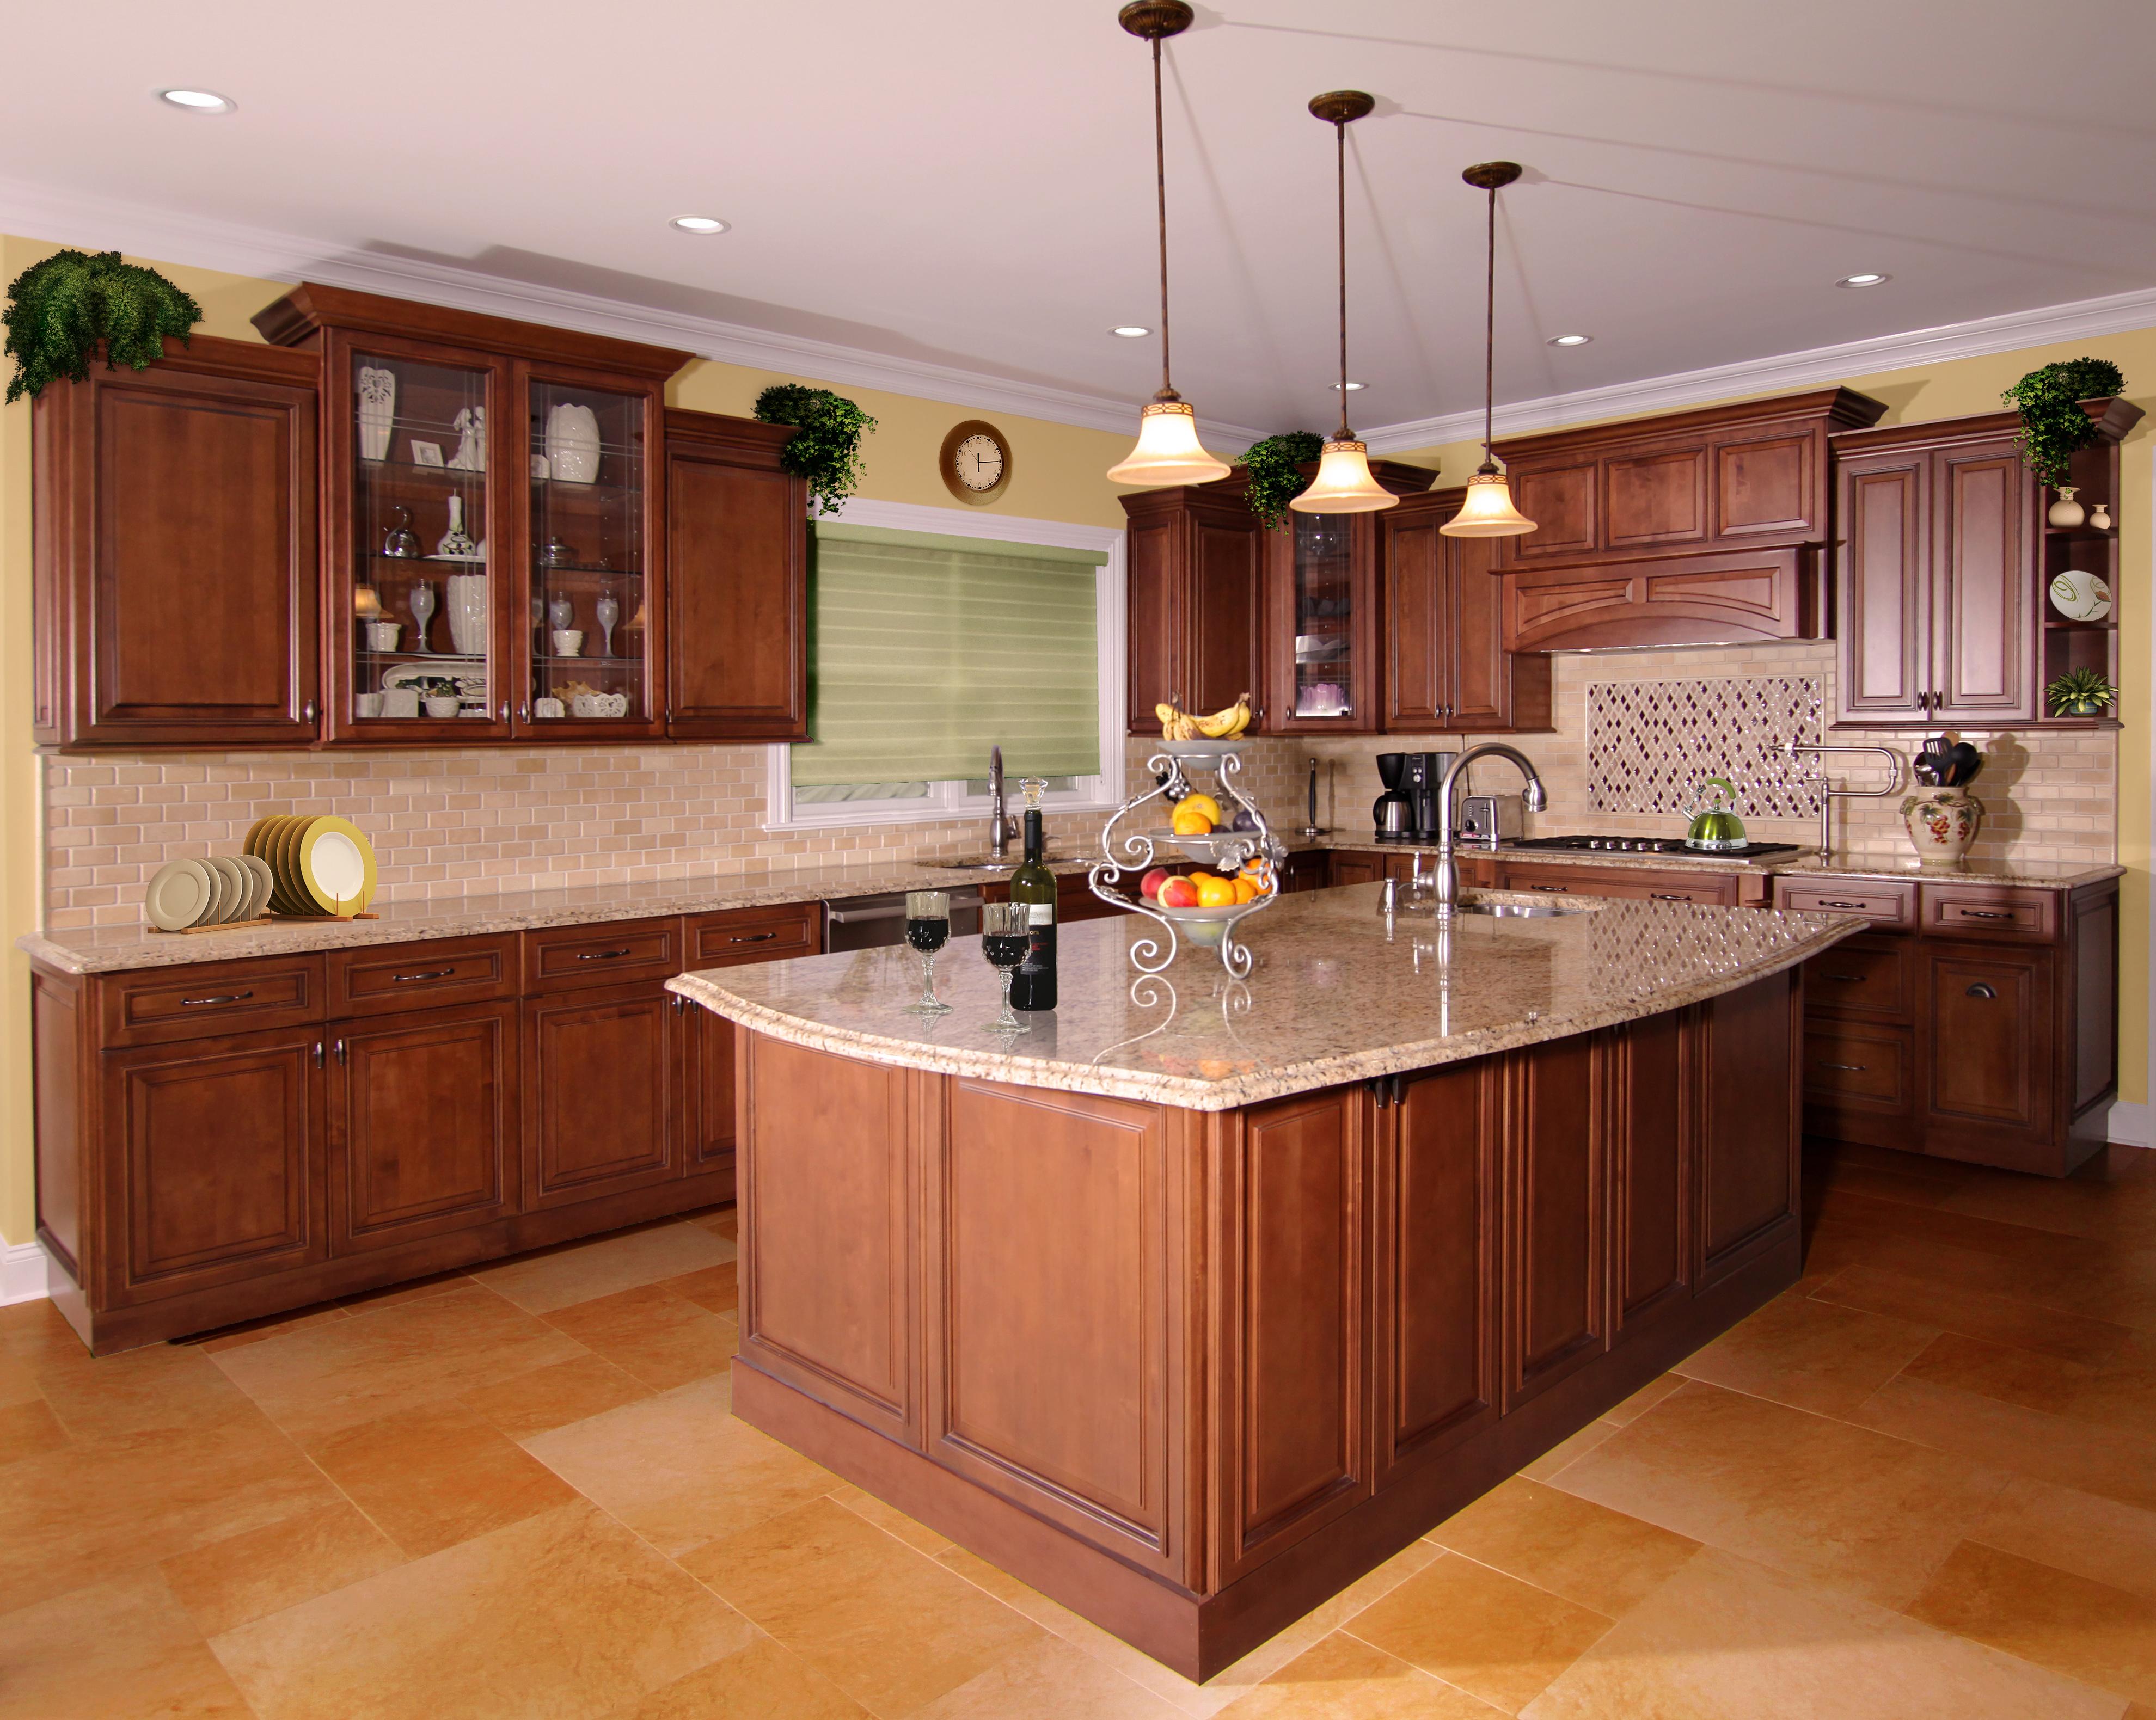 Kitchen cabinets fabuwood allure chestnut yorktowne for Allure kitchen cabinets